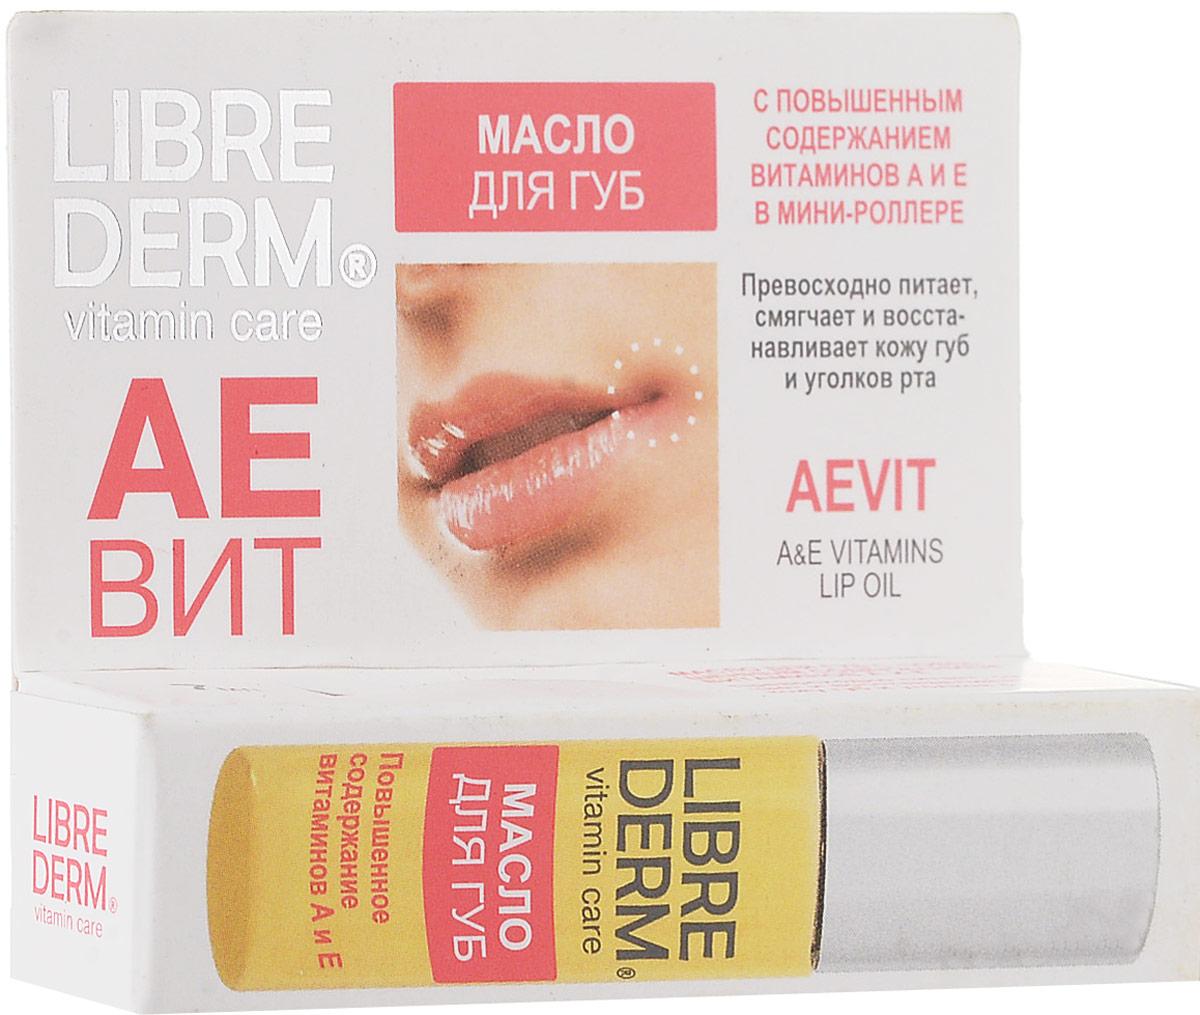 Librederm Масло для губ Аевит, с витамином A и E, мини-роллер, 7 мл65500239Масло Аевит создано специально для ухода за нежной кожей губ. Содержит миндальное, персиковое и рициновое масло, витамины А и Е.Превосходно питает, смягчает и восстанавливает потрескавшуюся, обветренную и пересохшую кожу губ. Мгновенно улучшает их состояние.Товар сертифицирован.